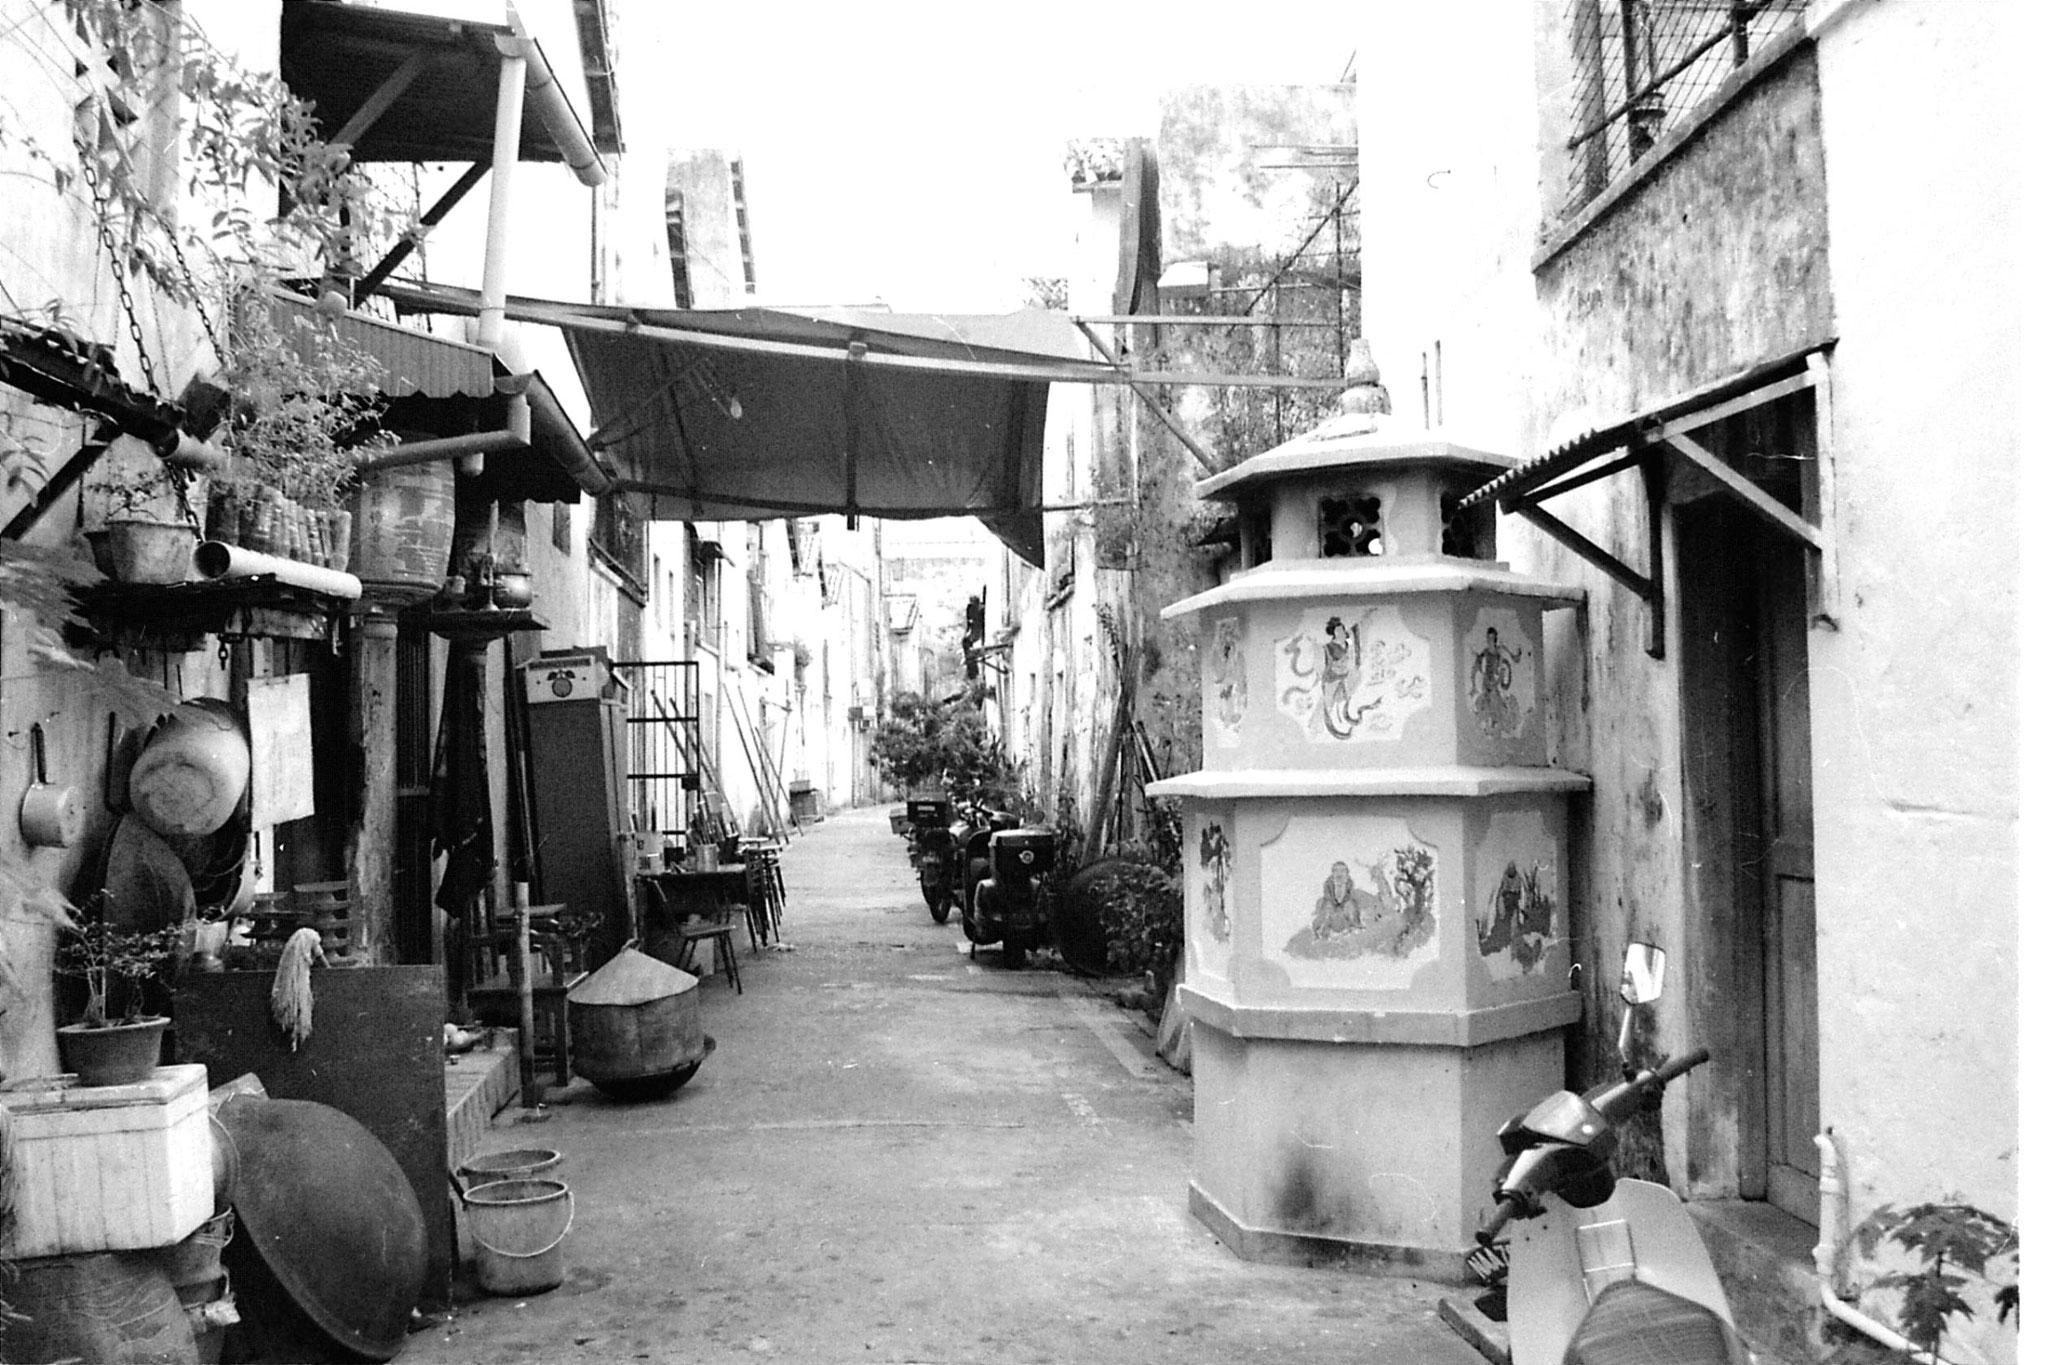 2/7/1990: 27: Singapore Chinatown